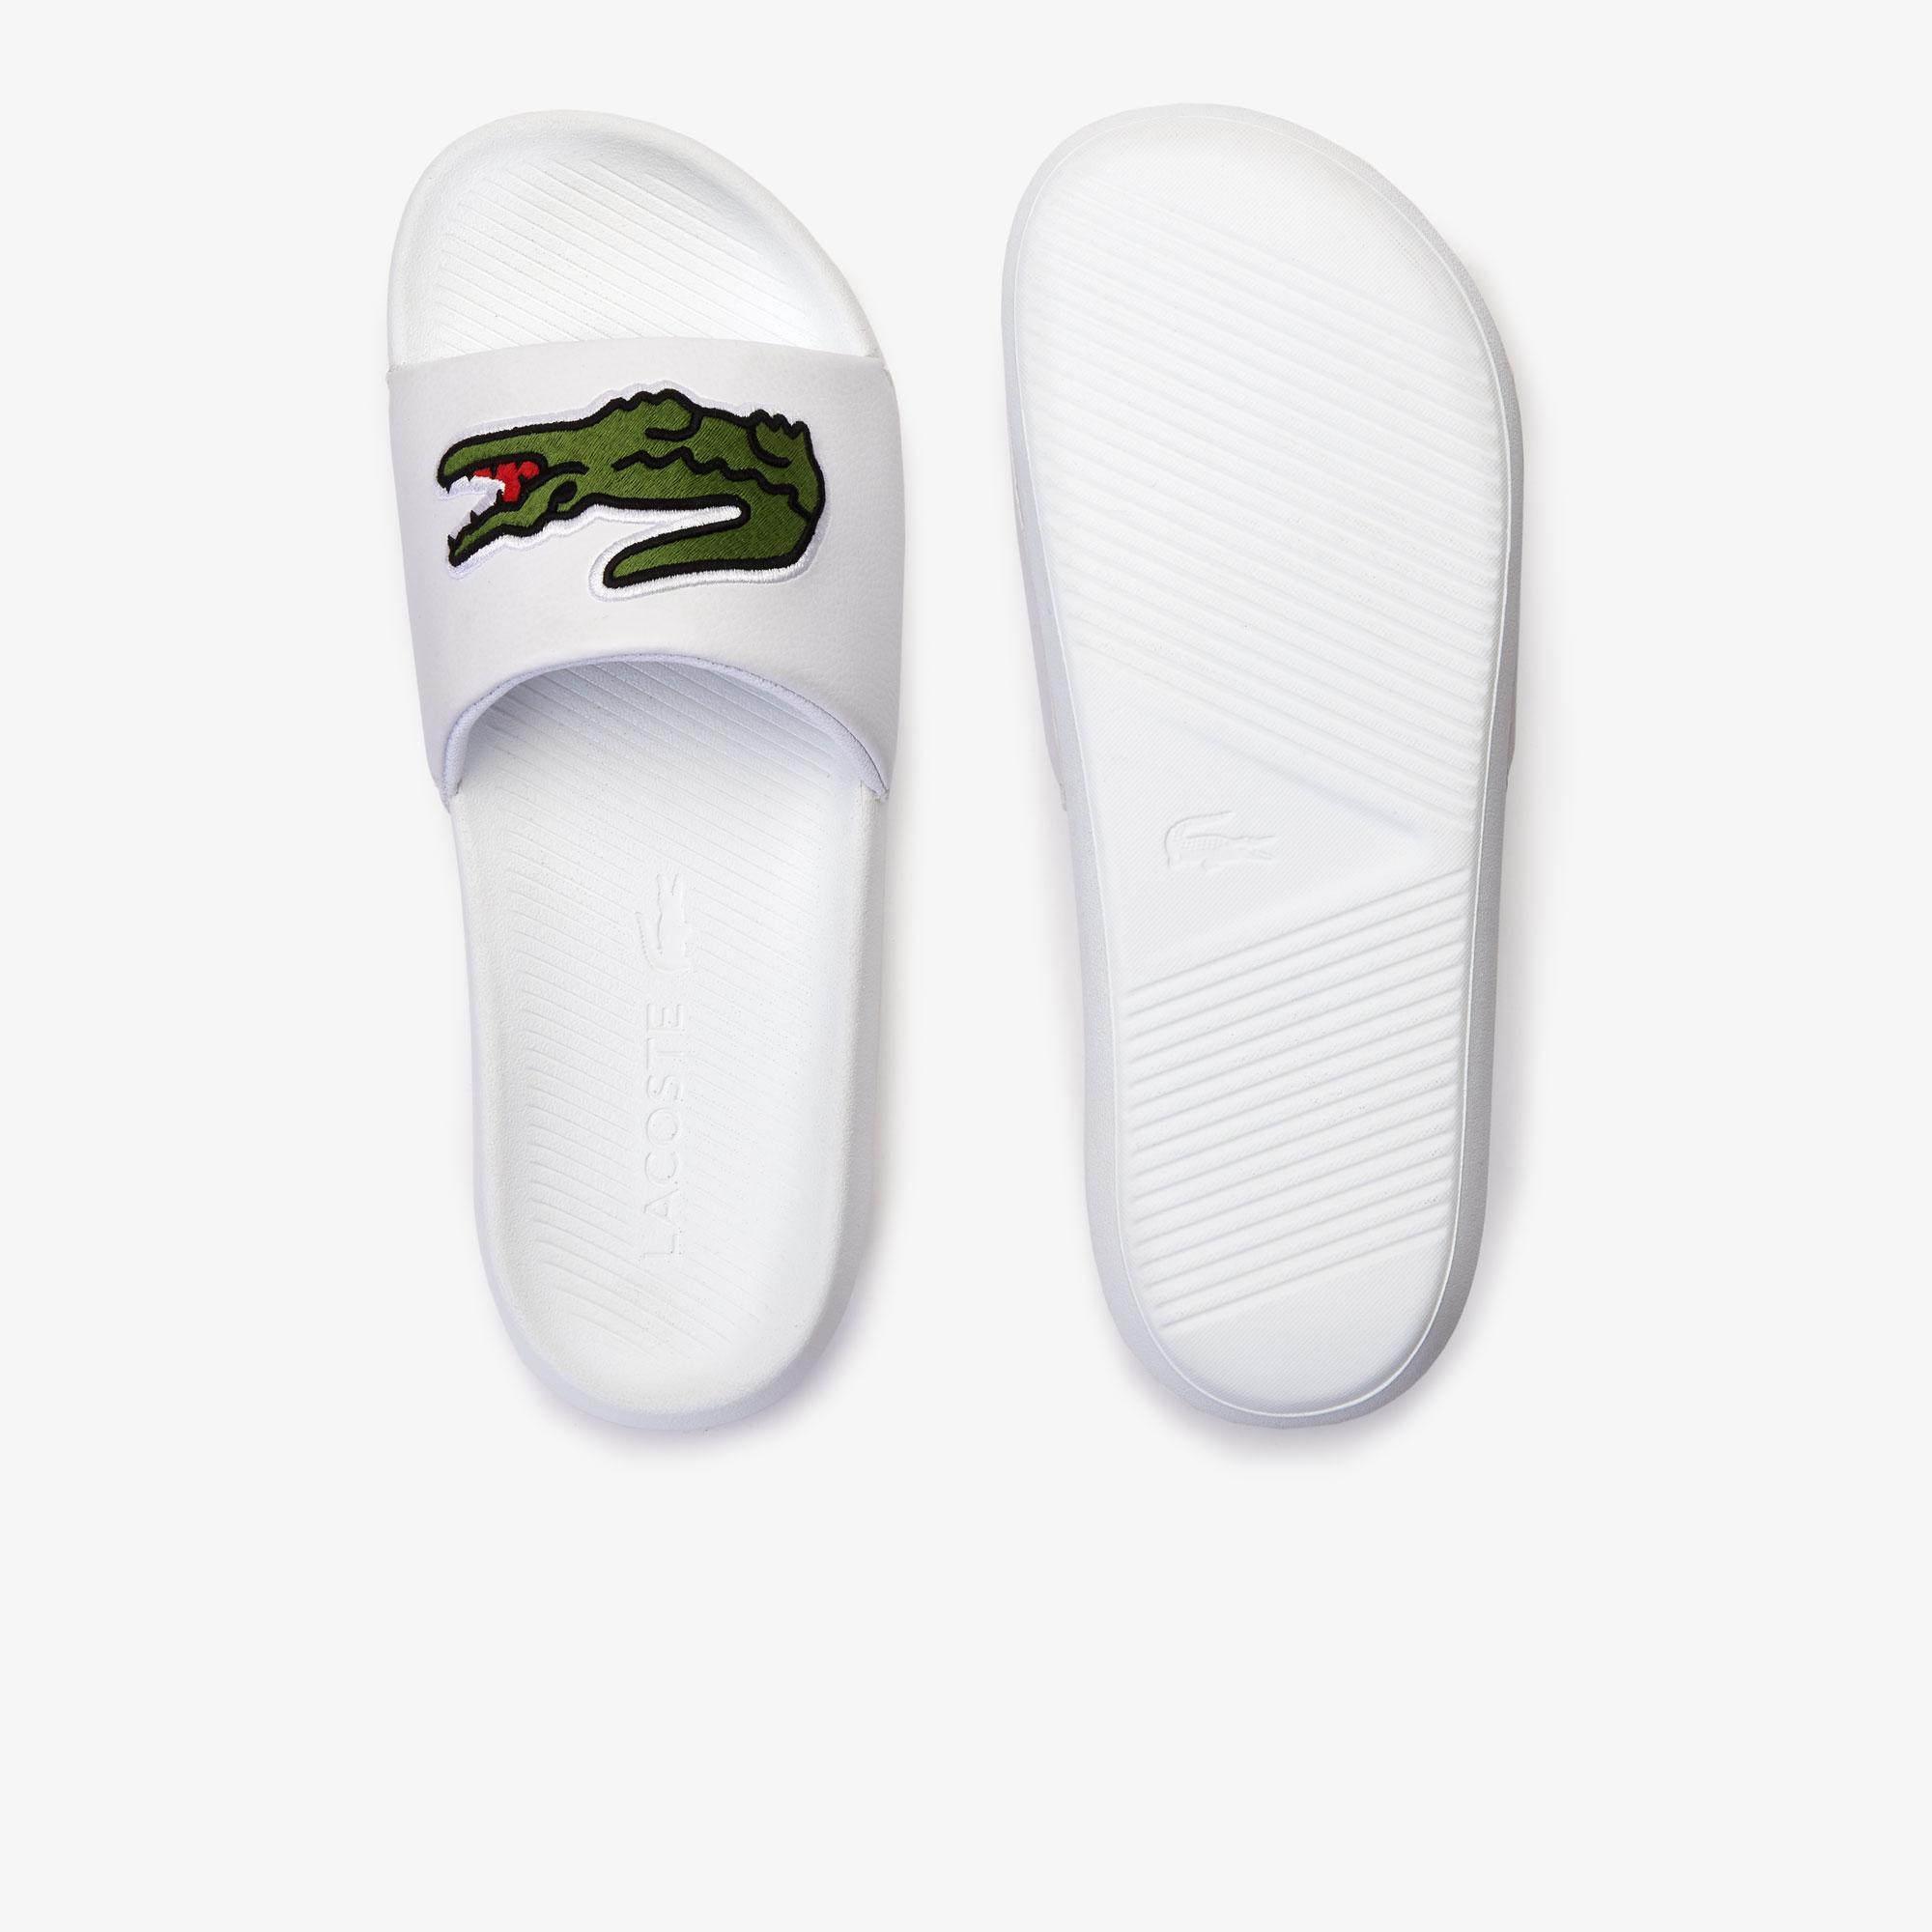 Lacoste Croco Slide 319 4 Us Cma Erkek Beyaz - Yeşil Terlik